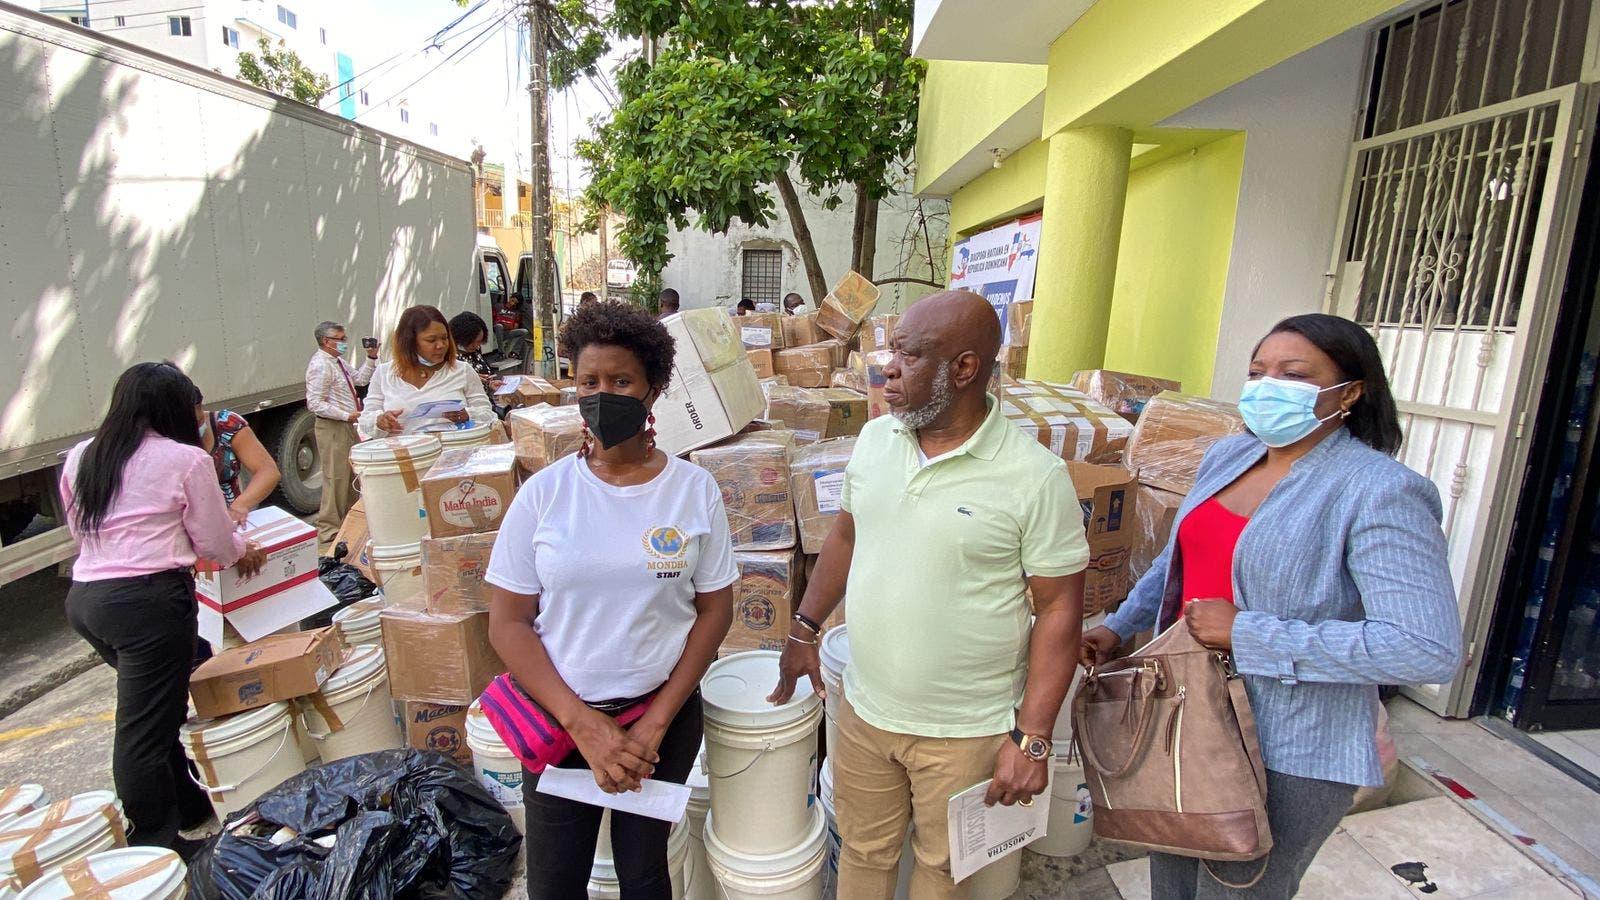 La diáspora haitiana en RD envía asistencia humanitaria a afectados por terremoto